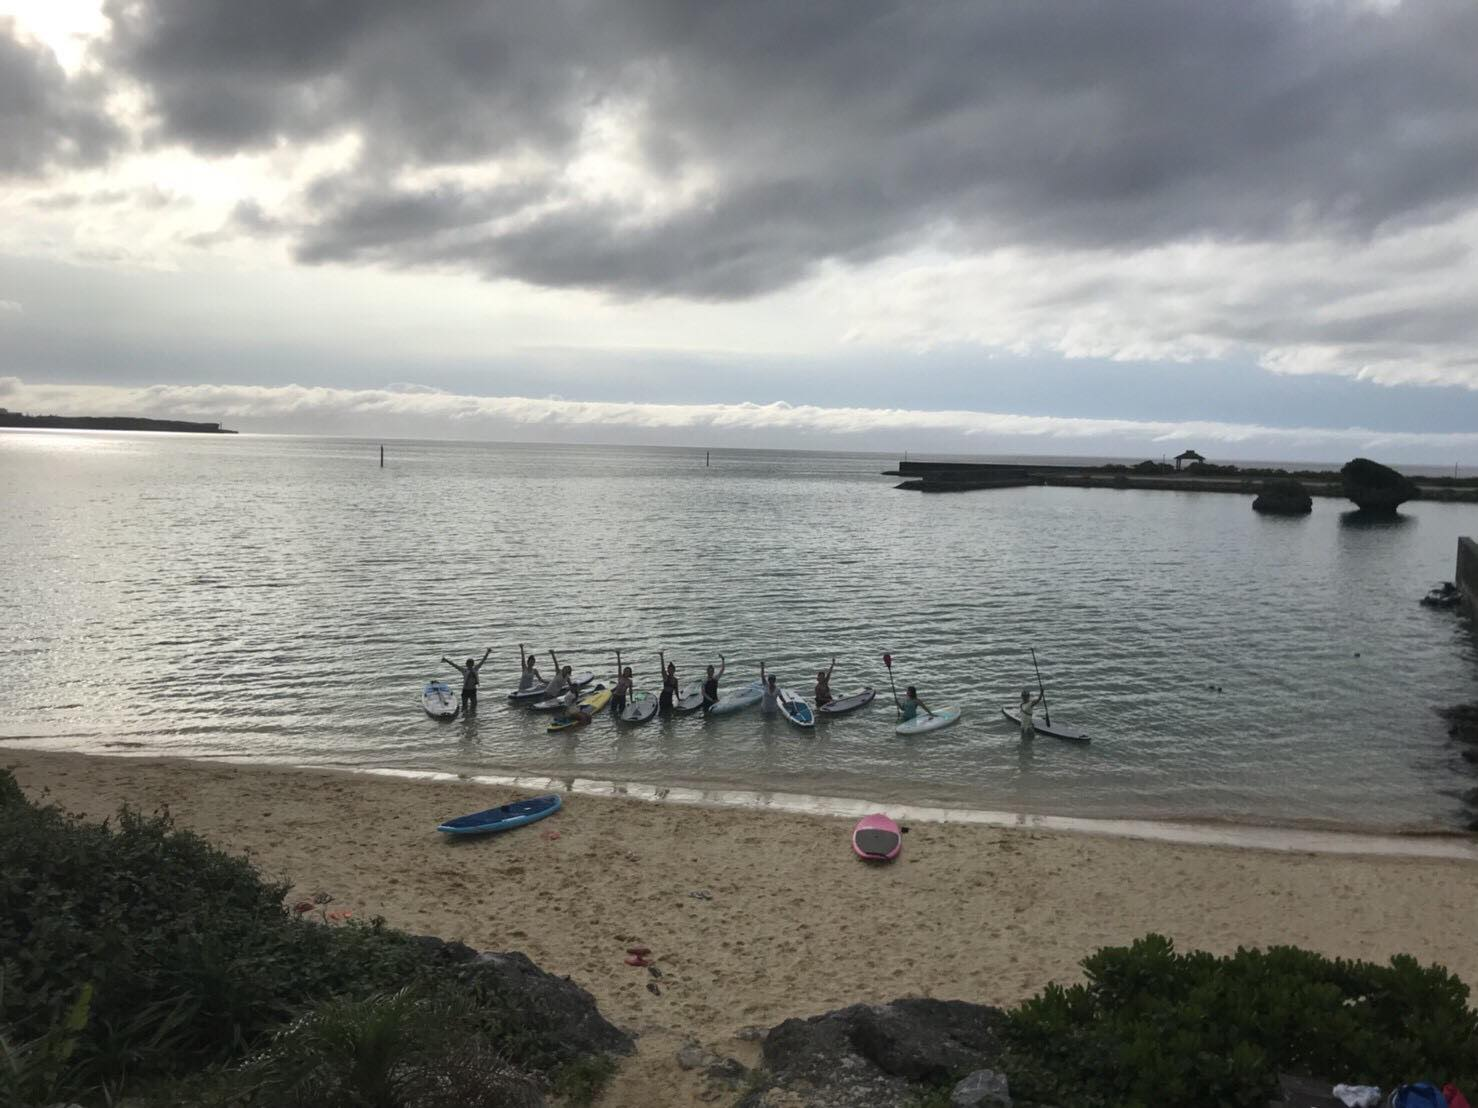 曇り空の浜辺でsupをする人々